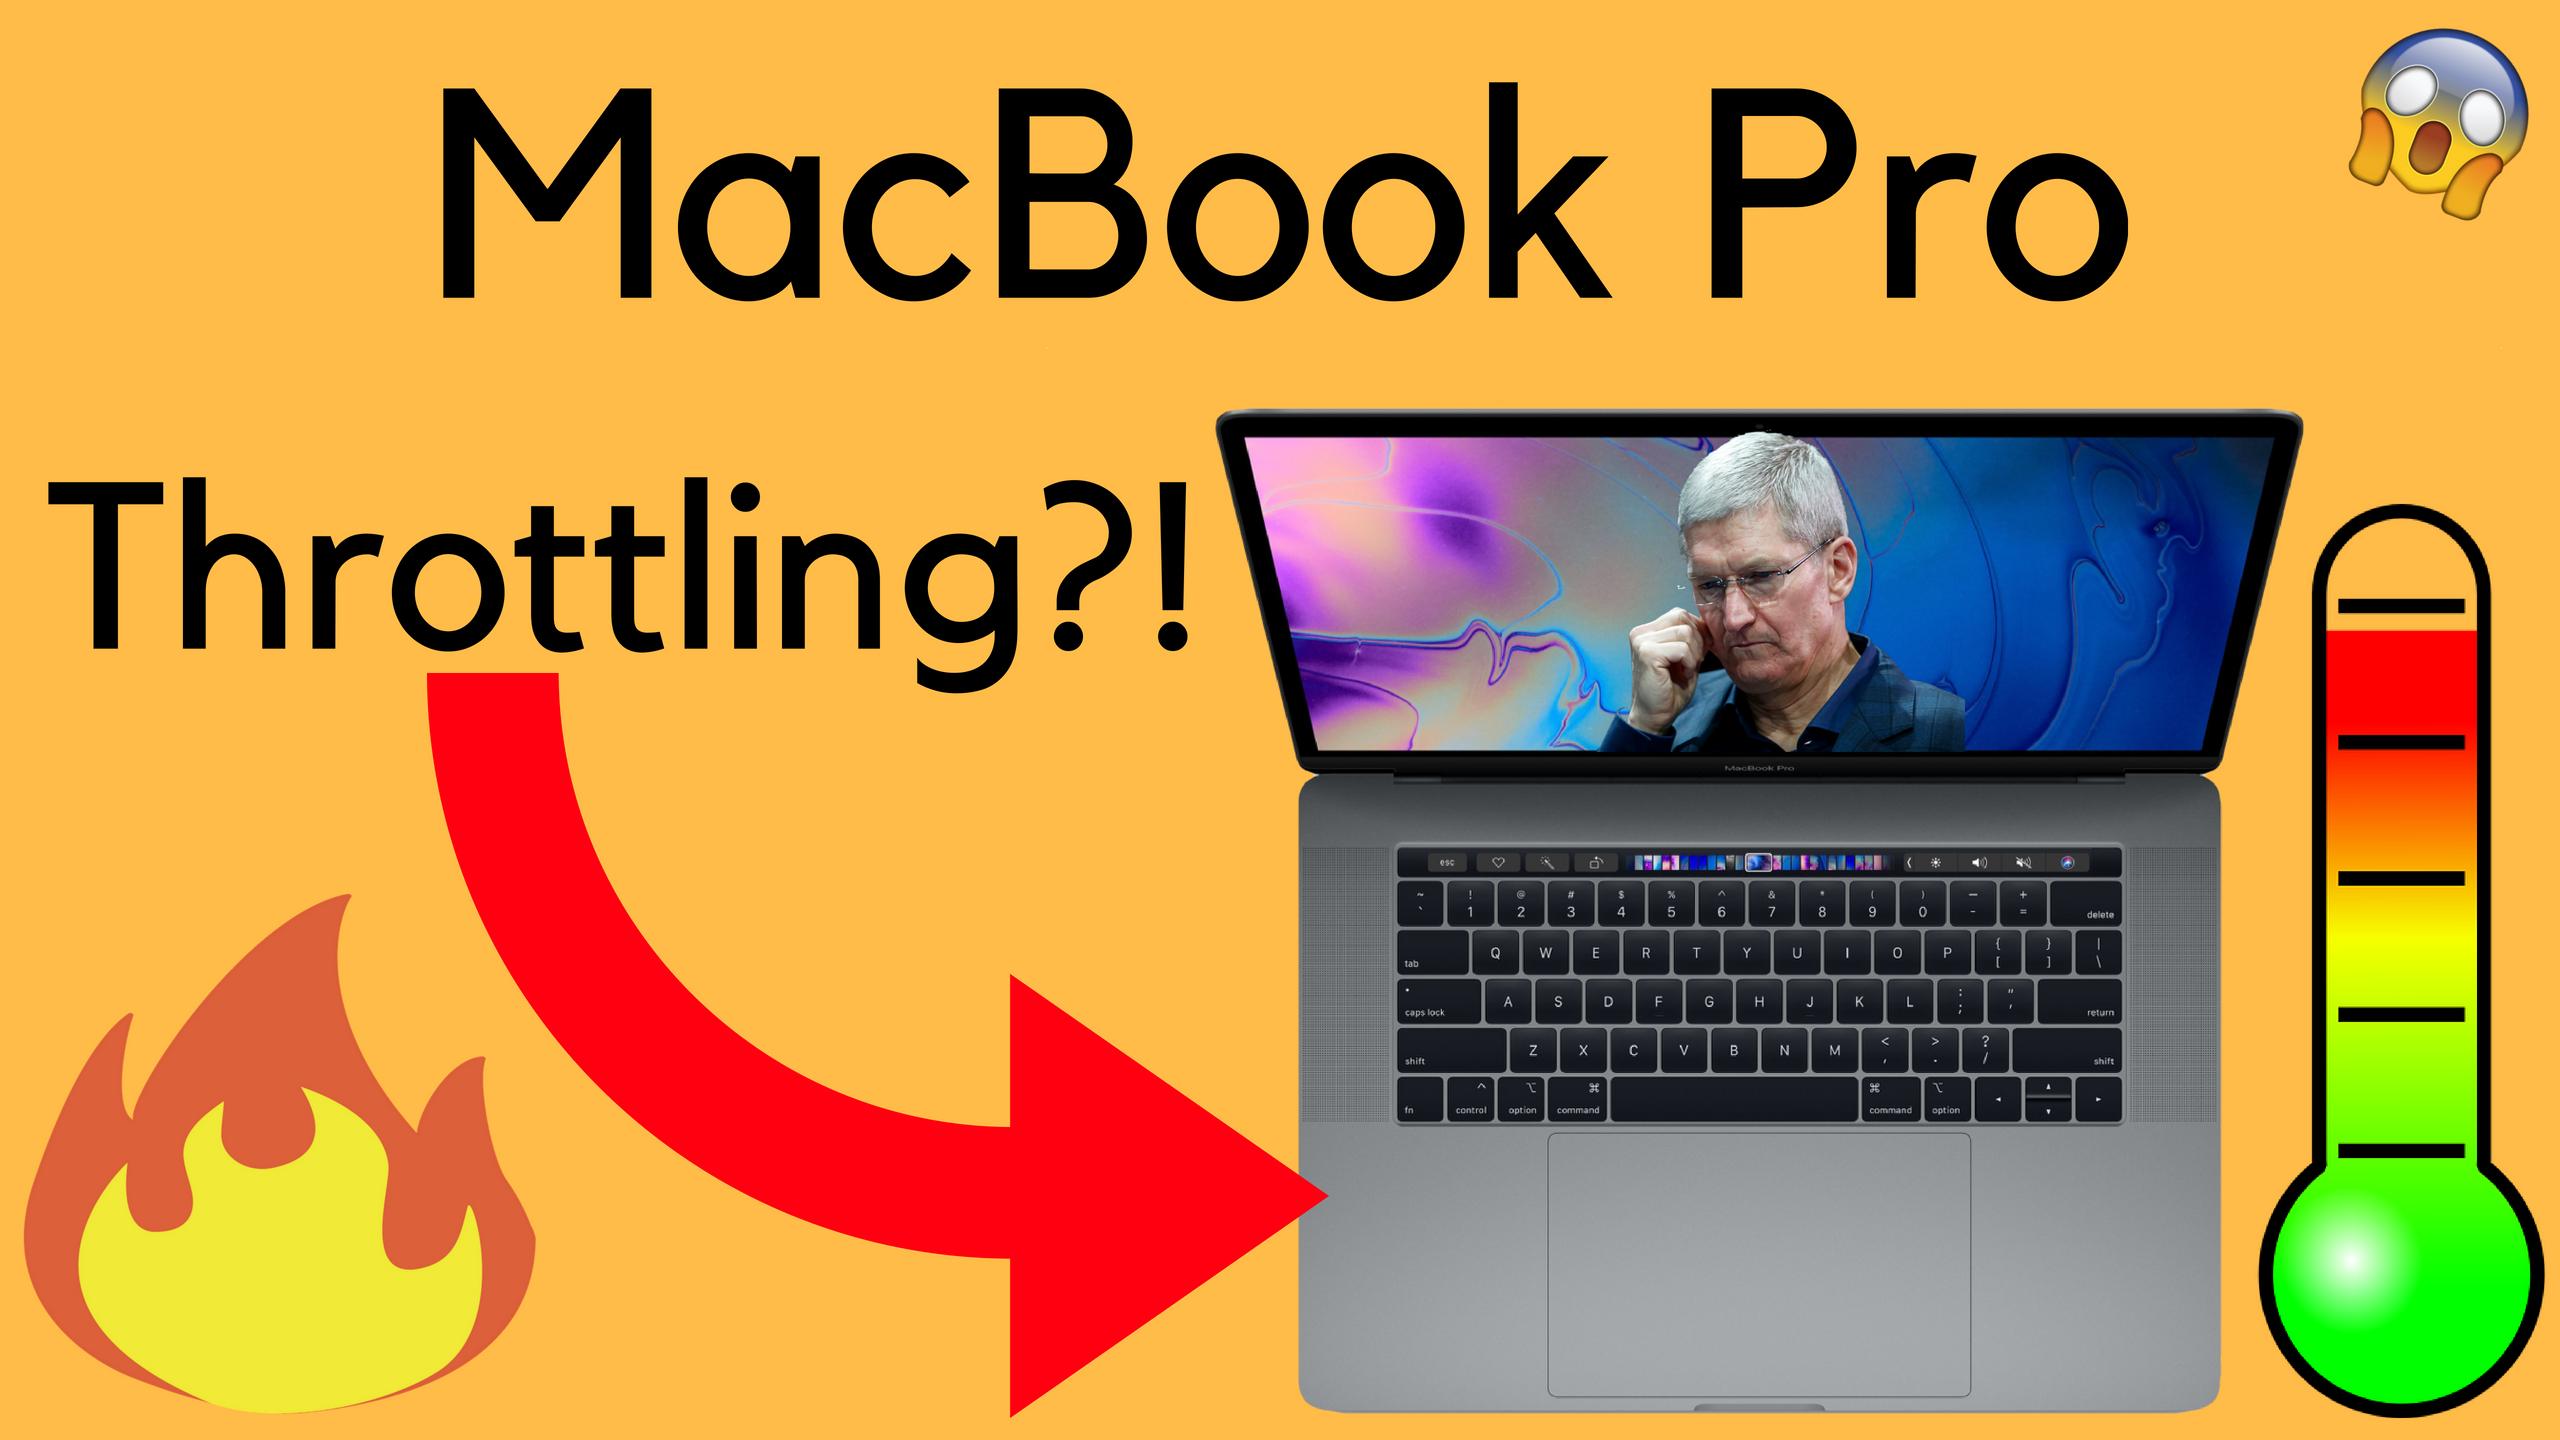 MacBook Pro THROTTLING